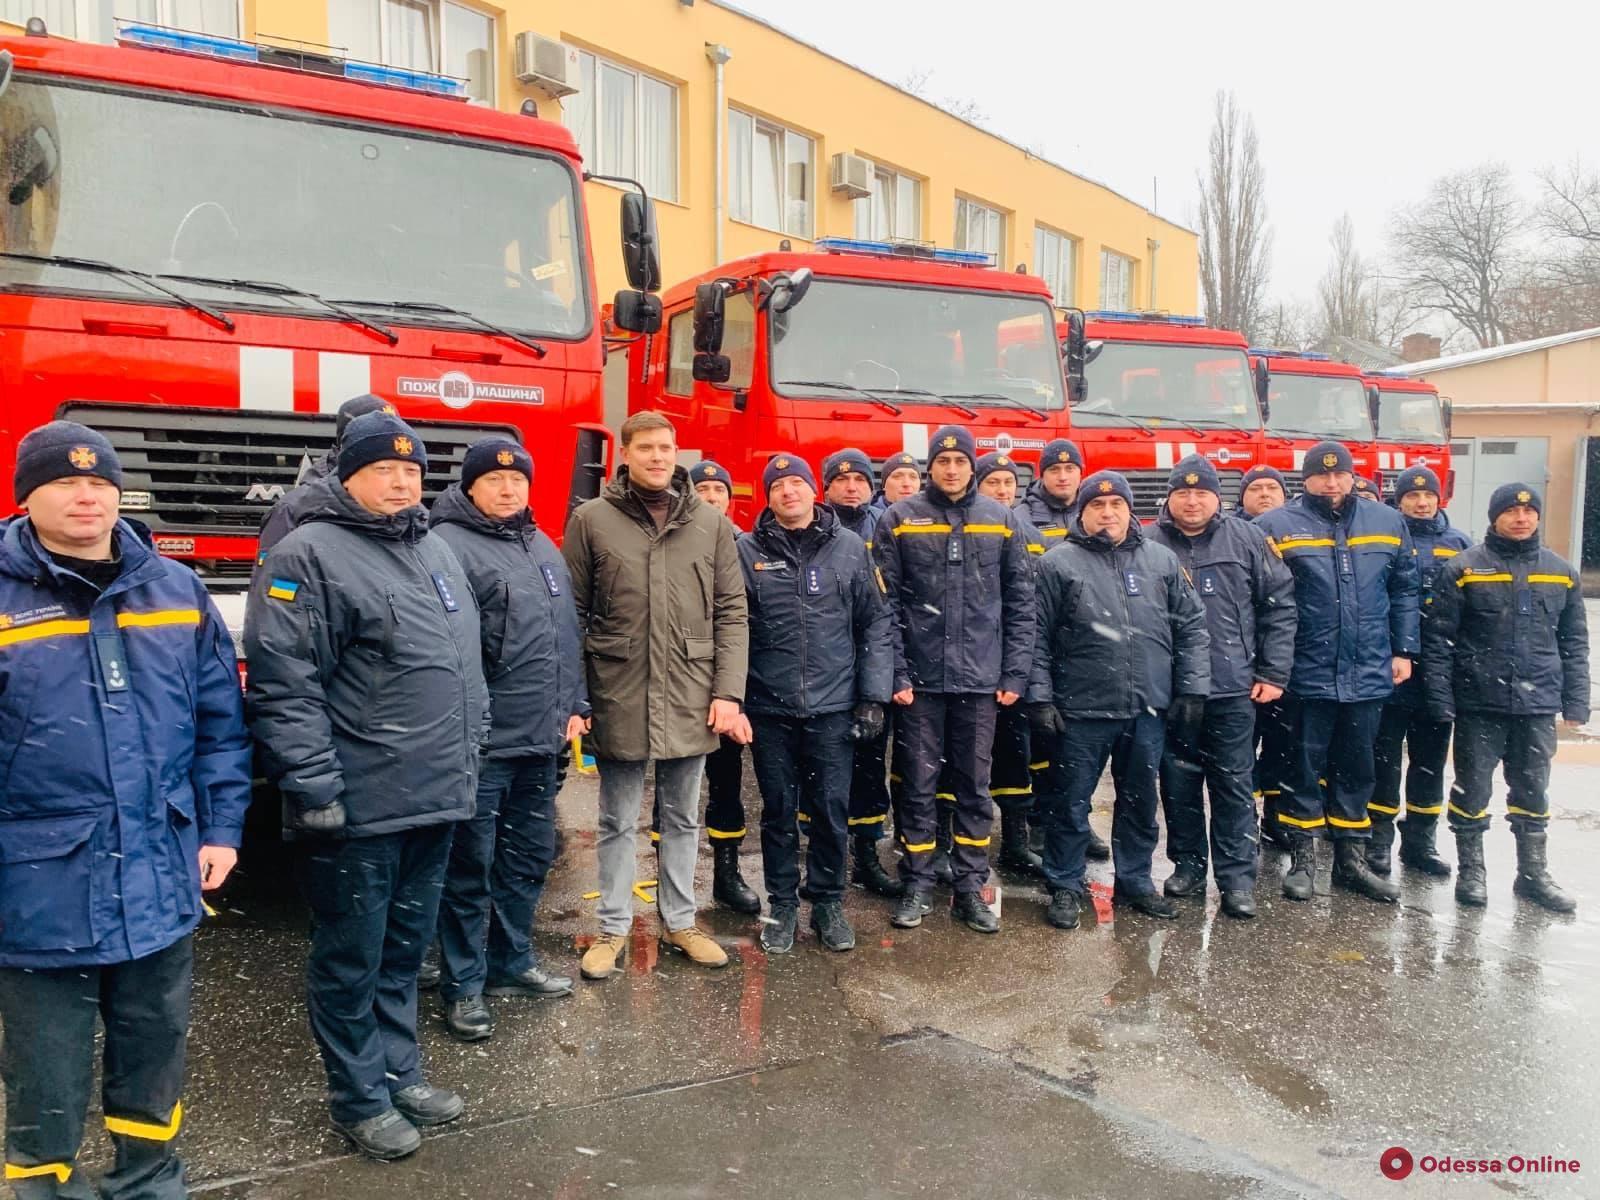 Одесские спасатели получили новые пожарные машины (фото)